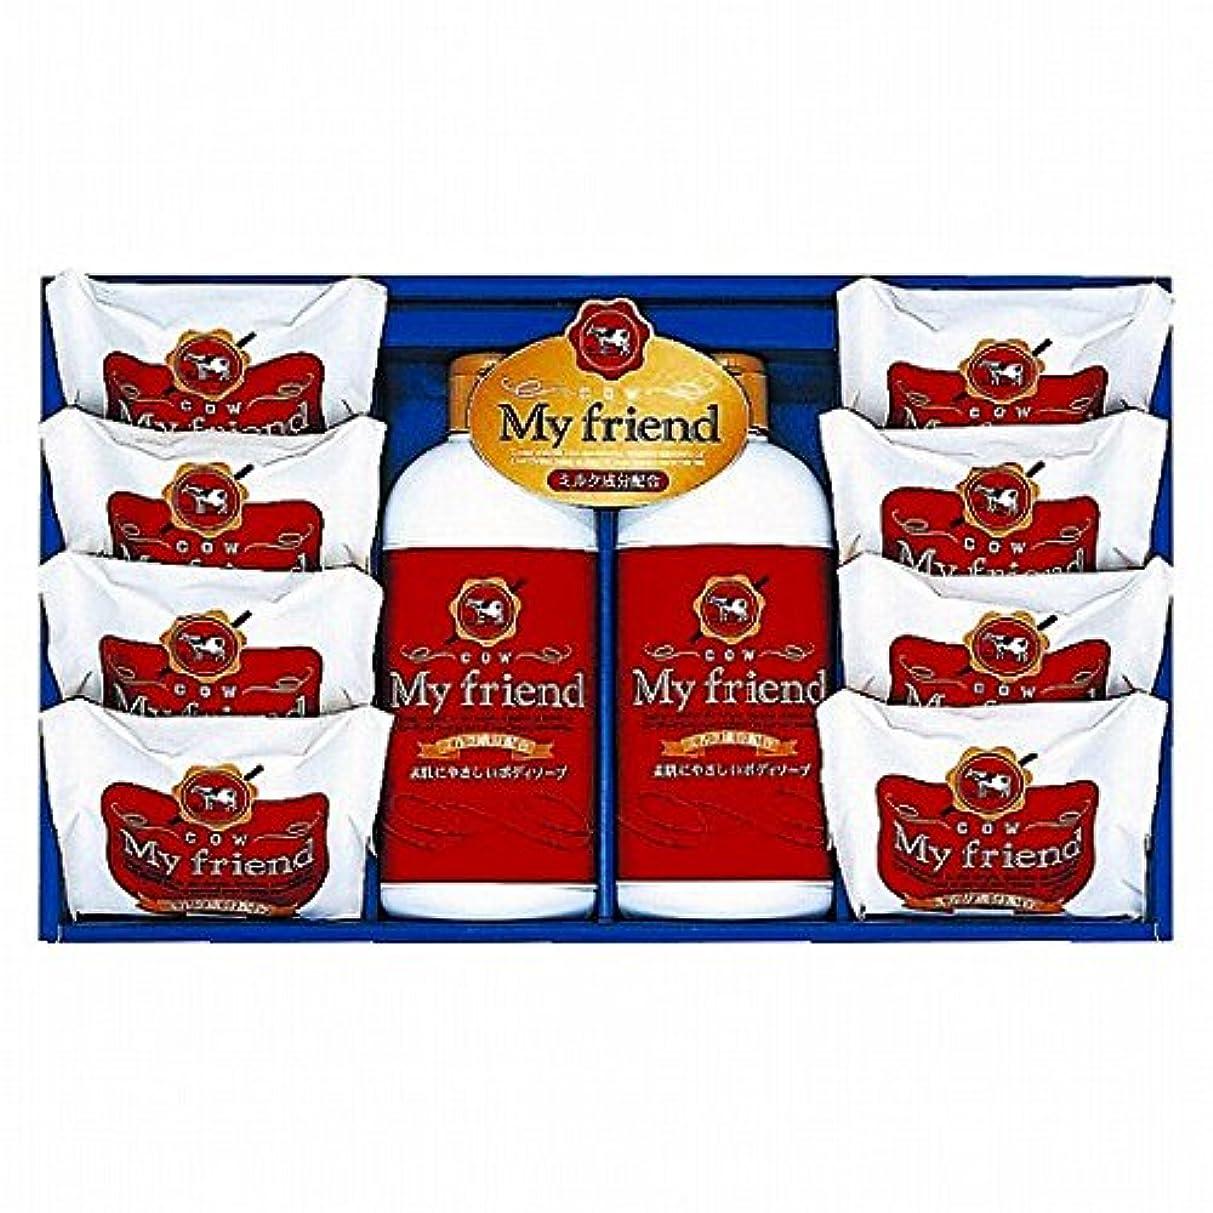 膨らませるクリーナー布nobrand 牛乳石鹸 マイフレンドボディソープセット (21940009)